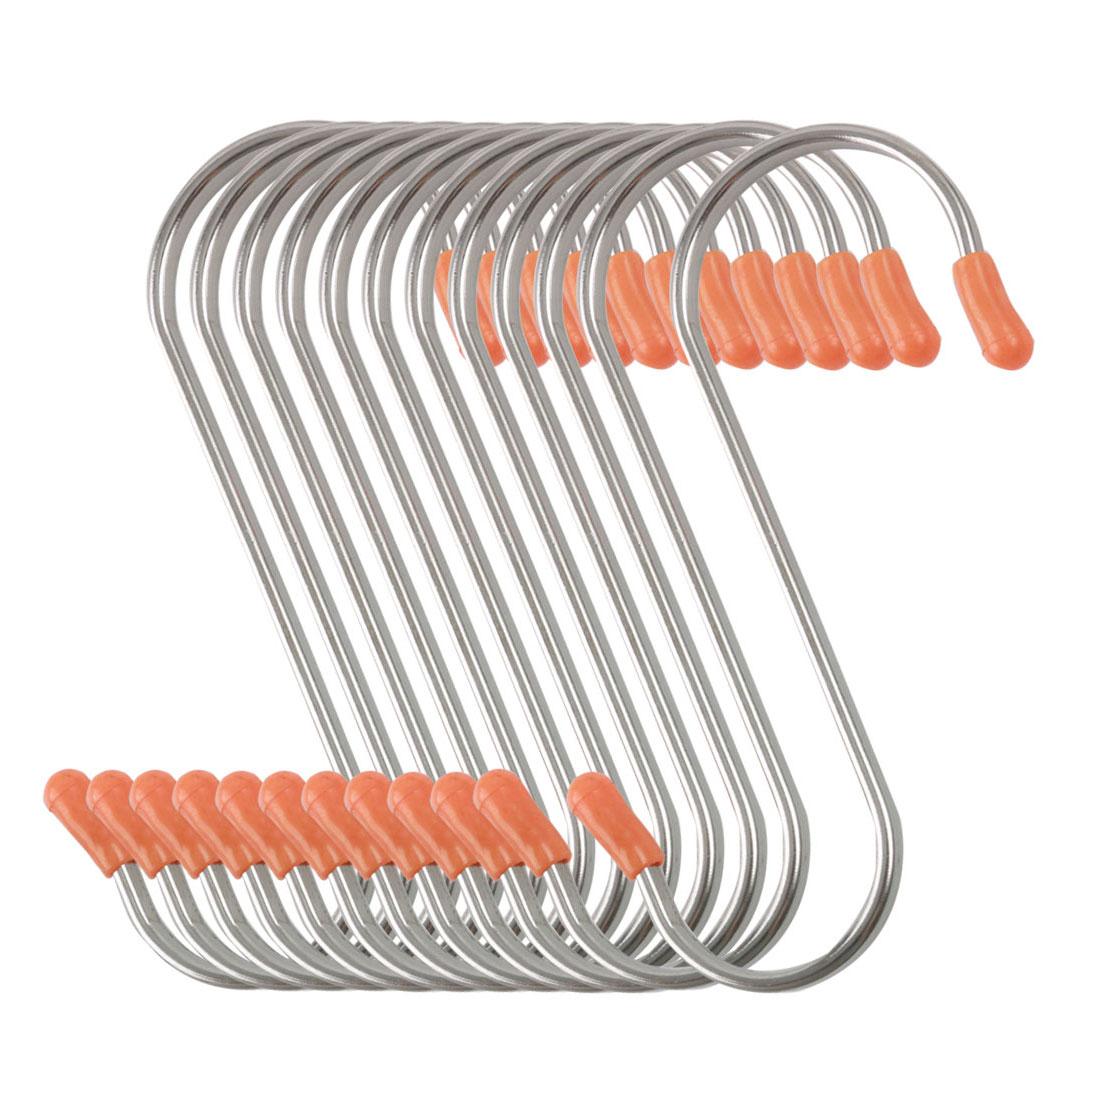 12 Pack S Shape Hook Rack Stainless Steel for Pot Utensils Holder Silver Tone